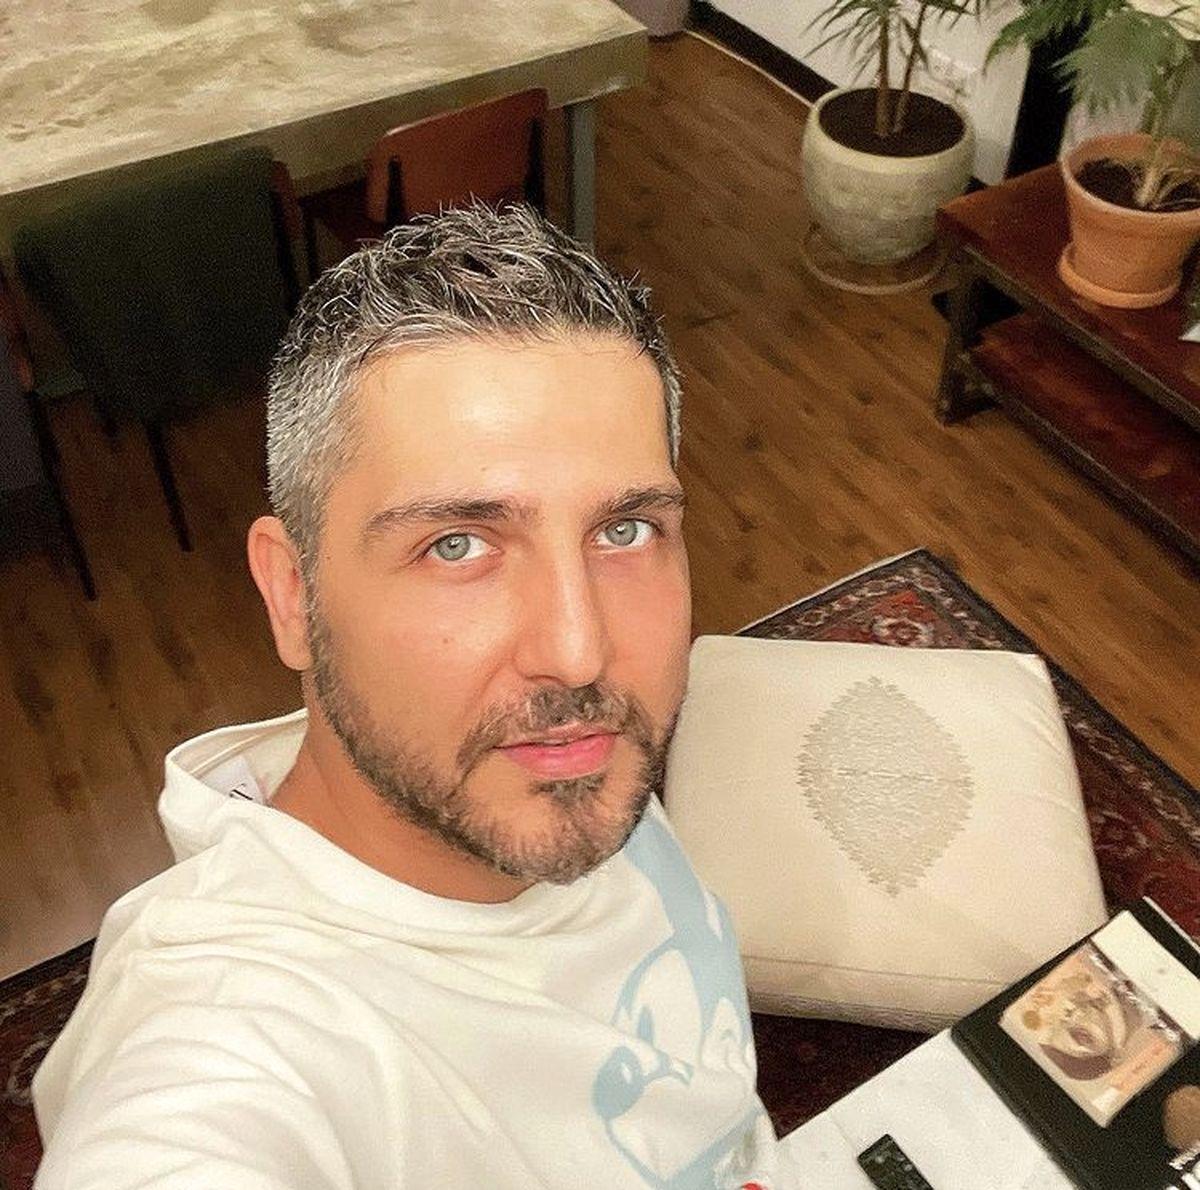 خانه ساده محمدرضا غفاری + عکس